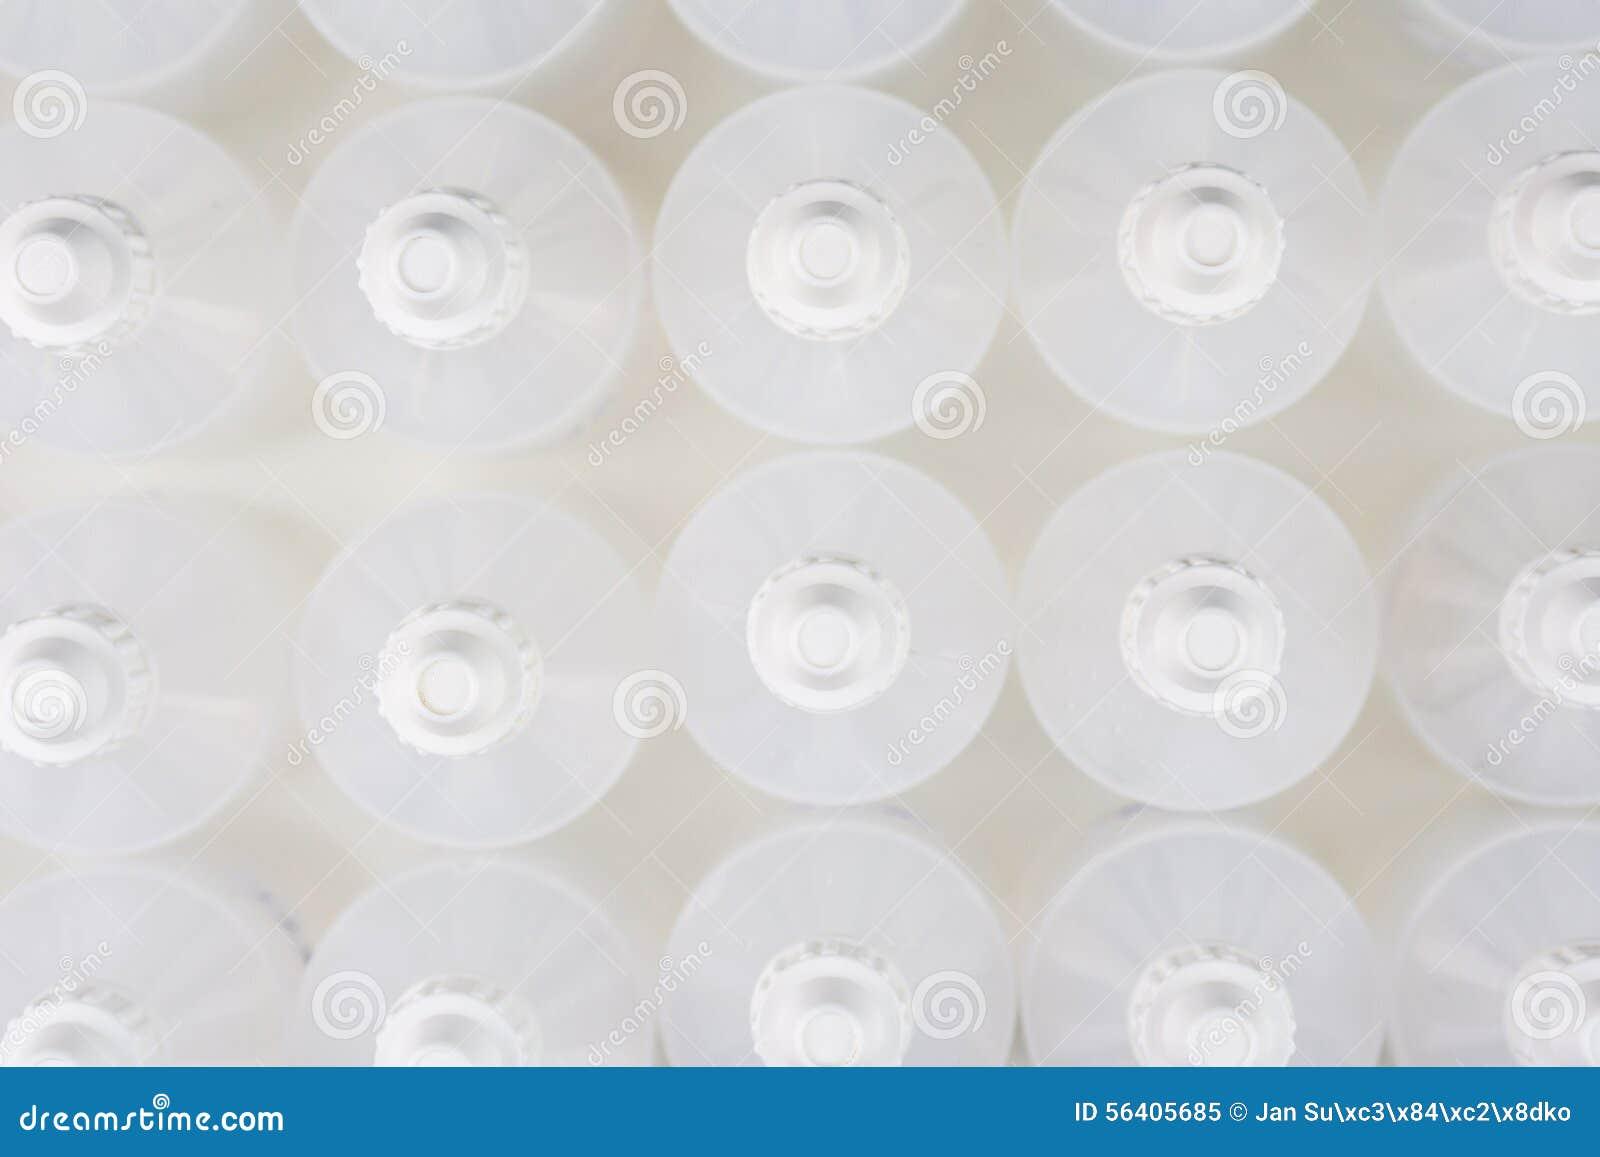 Белые просвечивающие бутылки